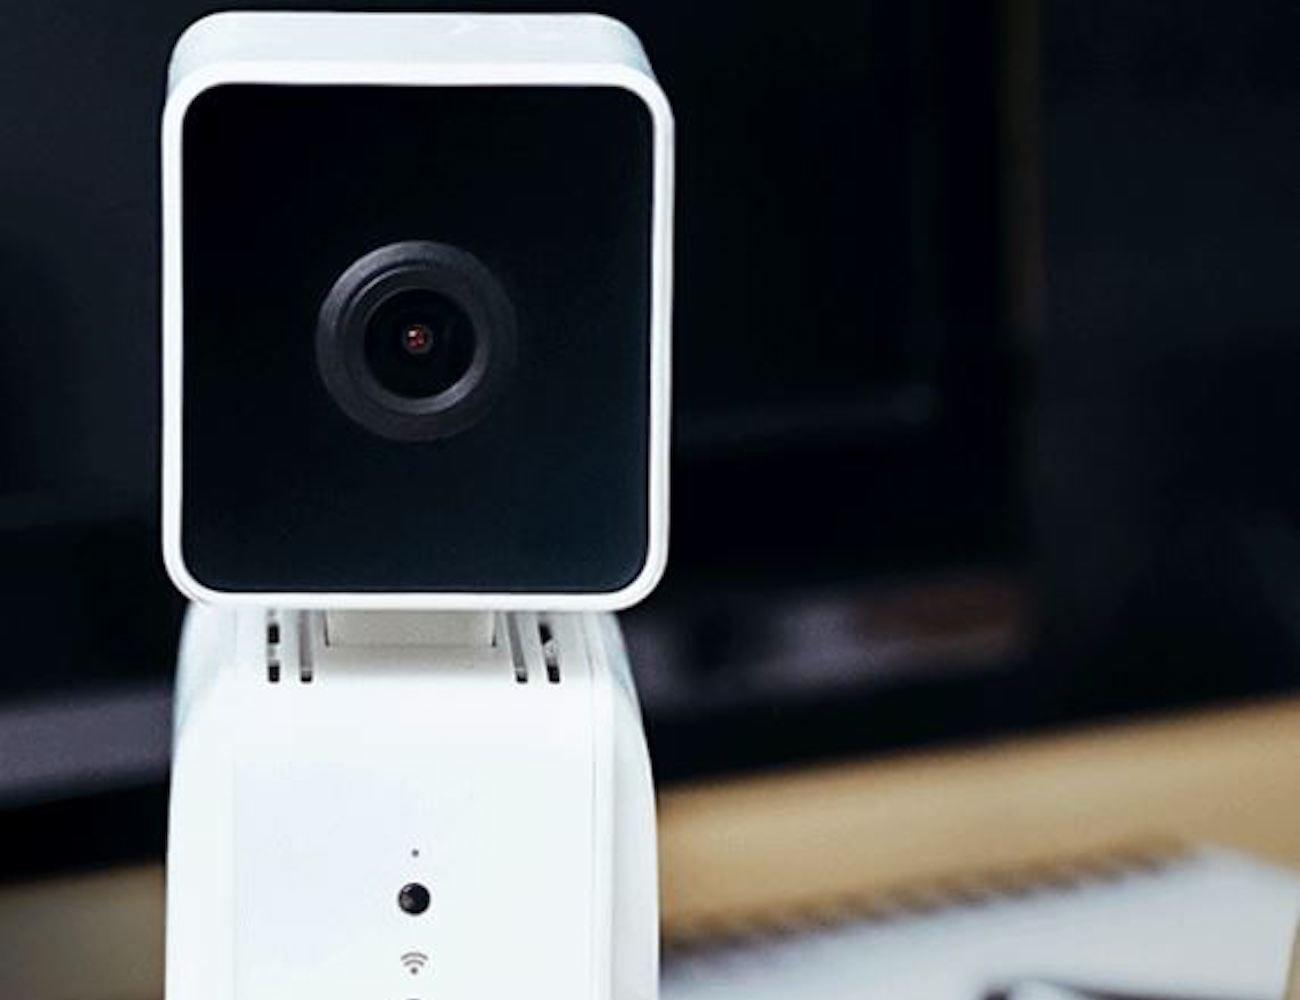 AWS DeepLens AI Video Camera